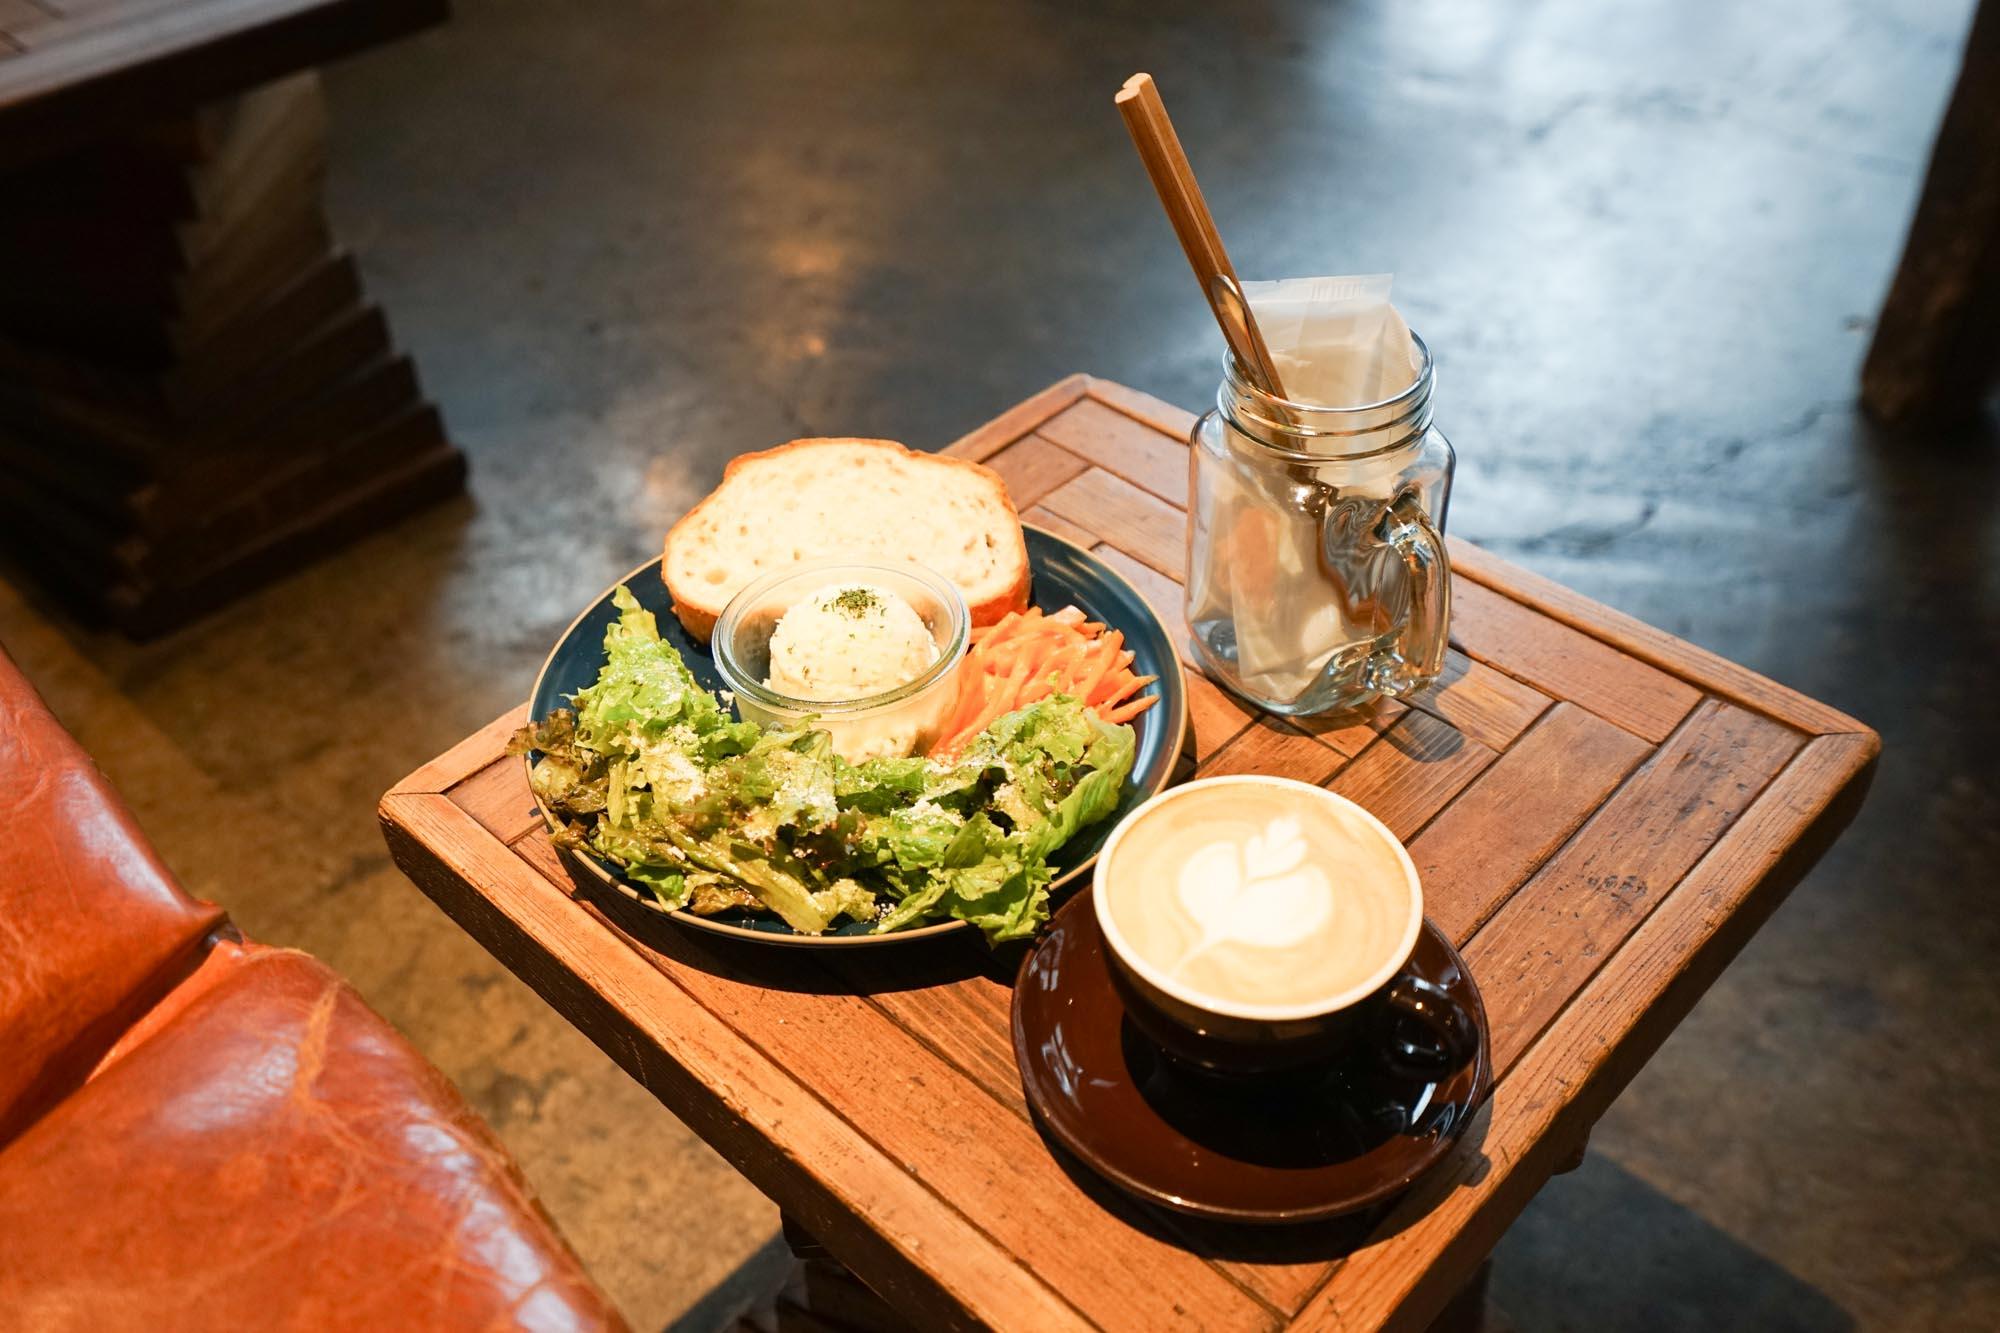 土日限定の、ゴージャスなモーニングプレートは500円。こだわりのコーヒーとともに、しっかり腹ごしらえをして、周辺の散策に出かけましょう。